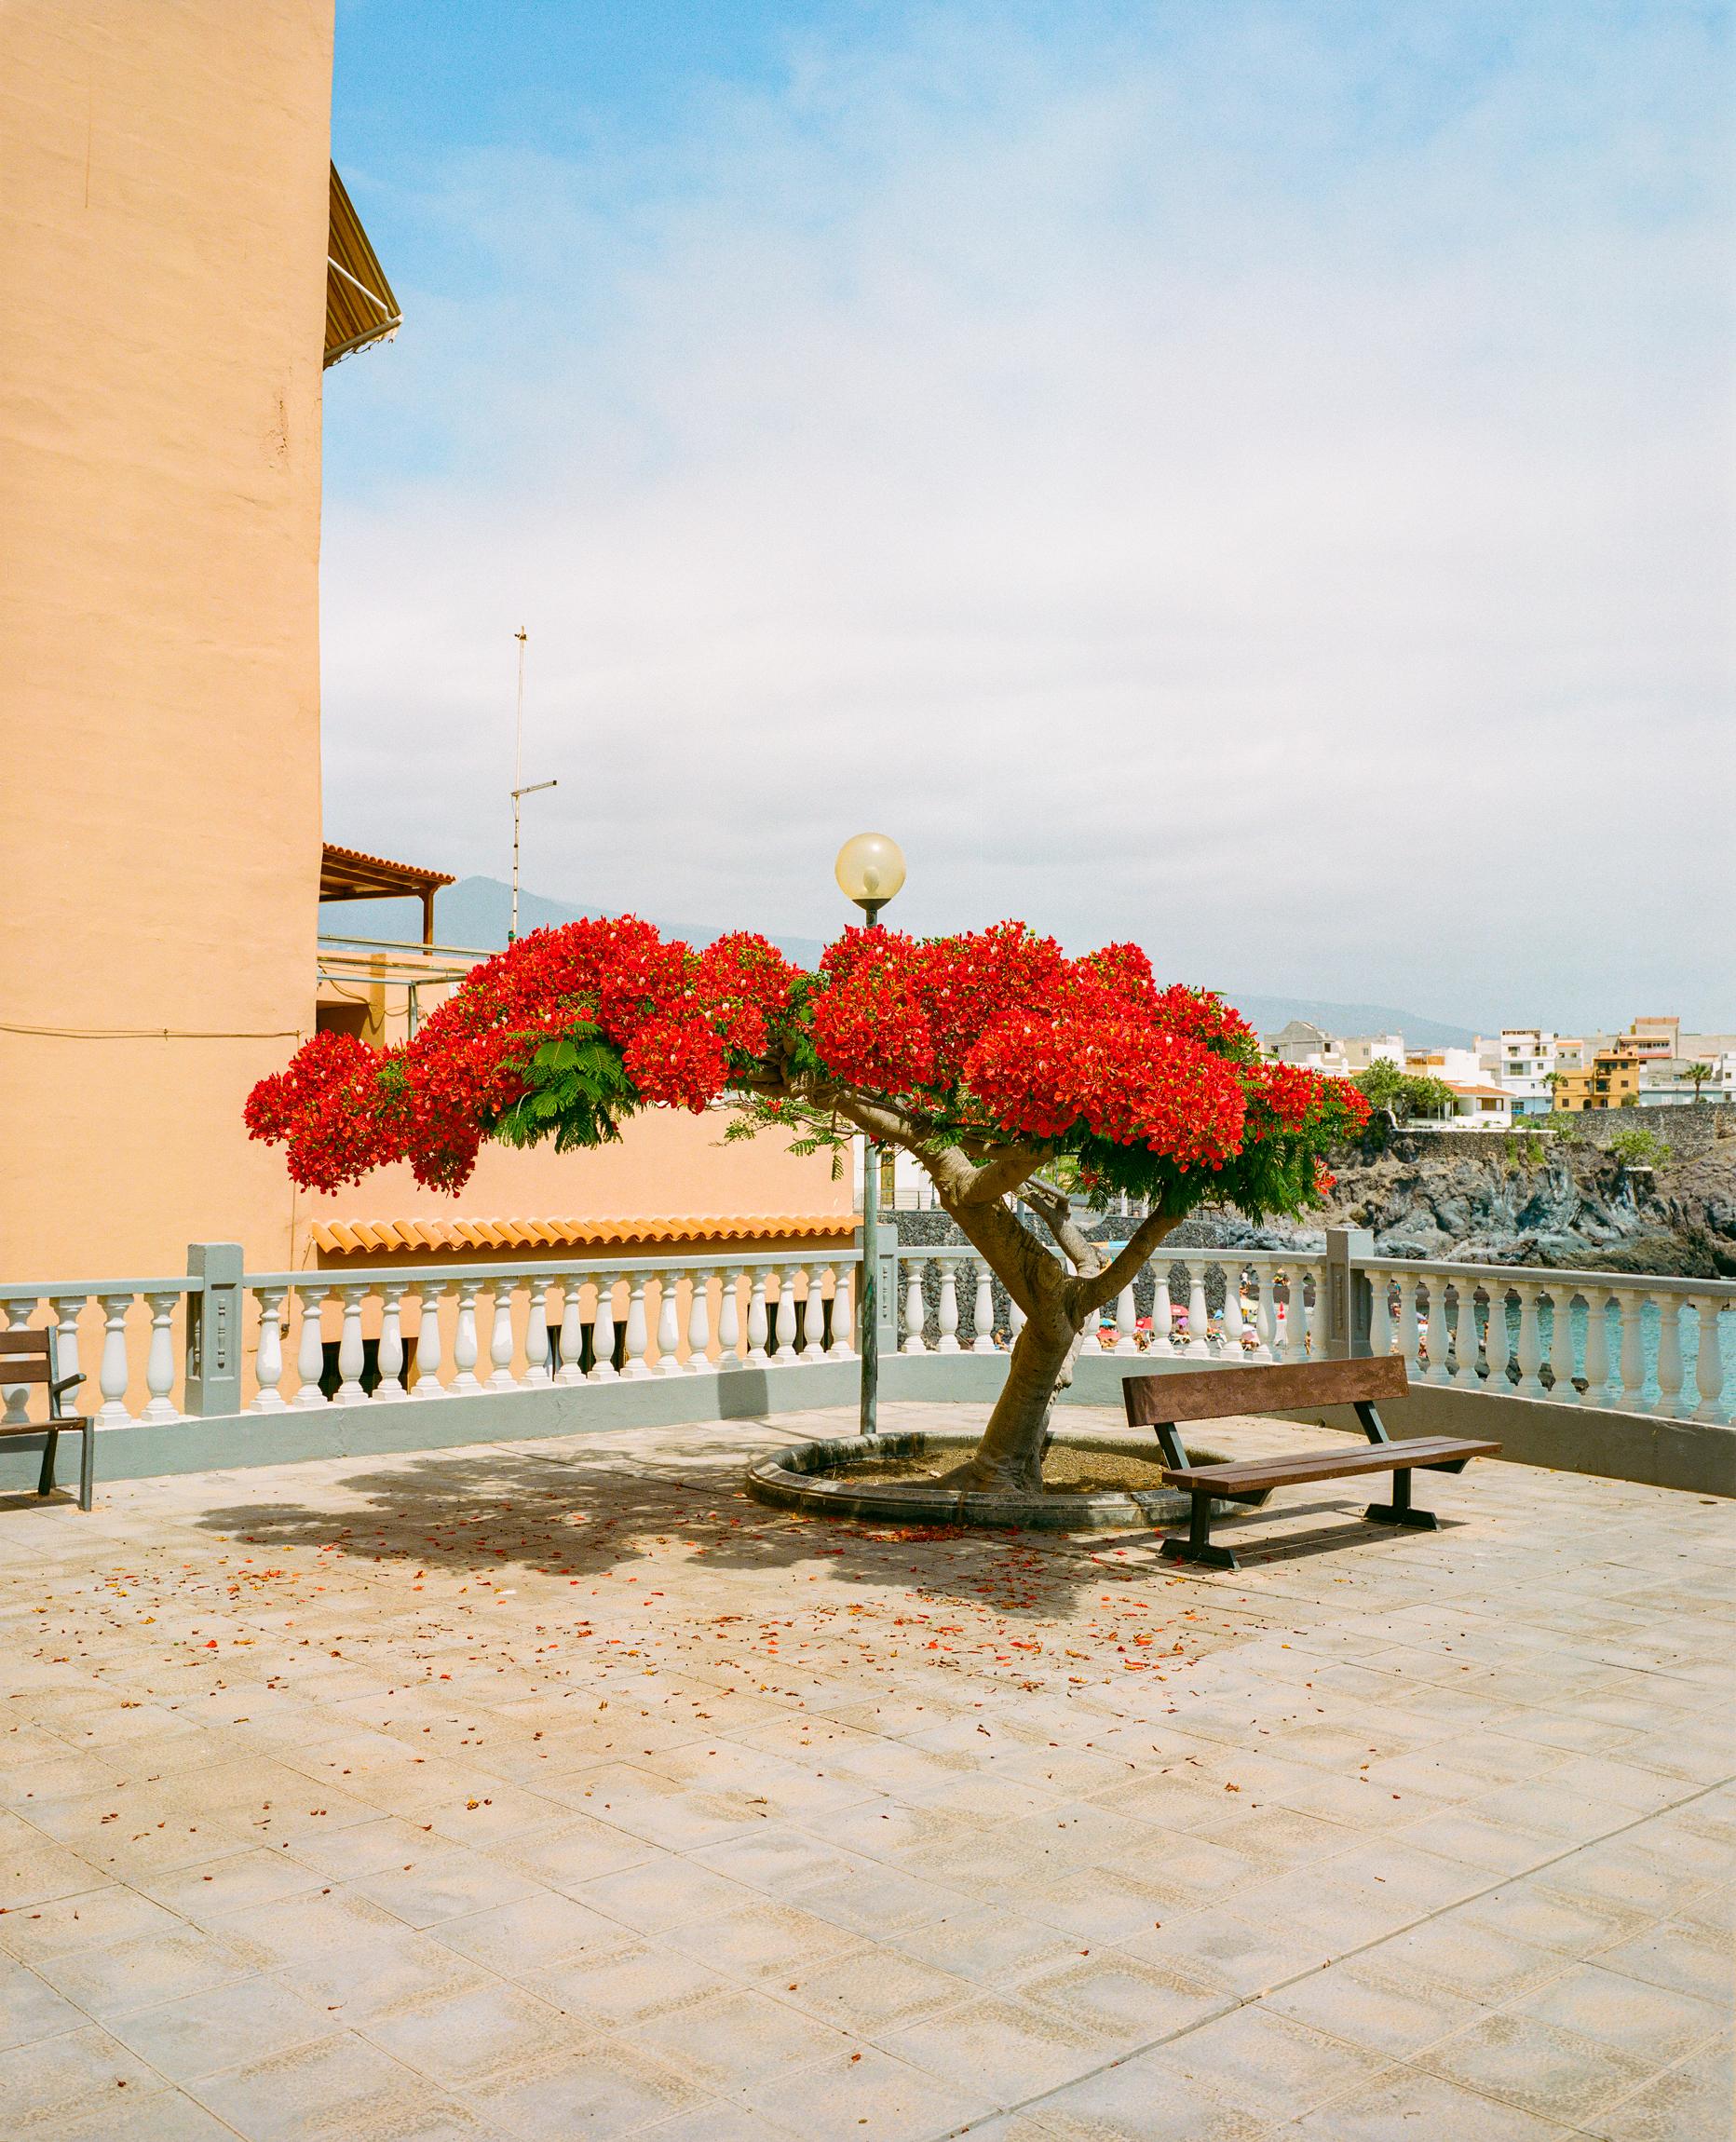 Marco Di Stefano 拍摄的加那利群岛中一棵开花的树的中画幅彩色风景照片